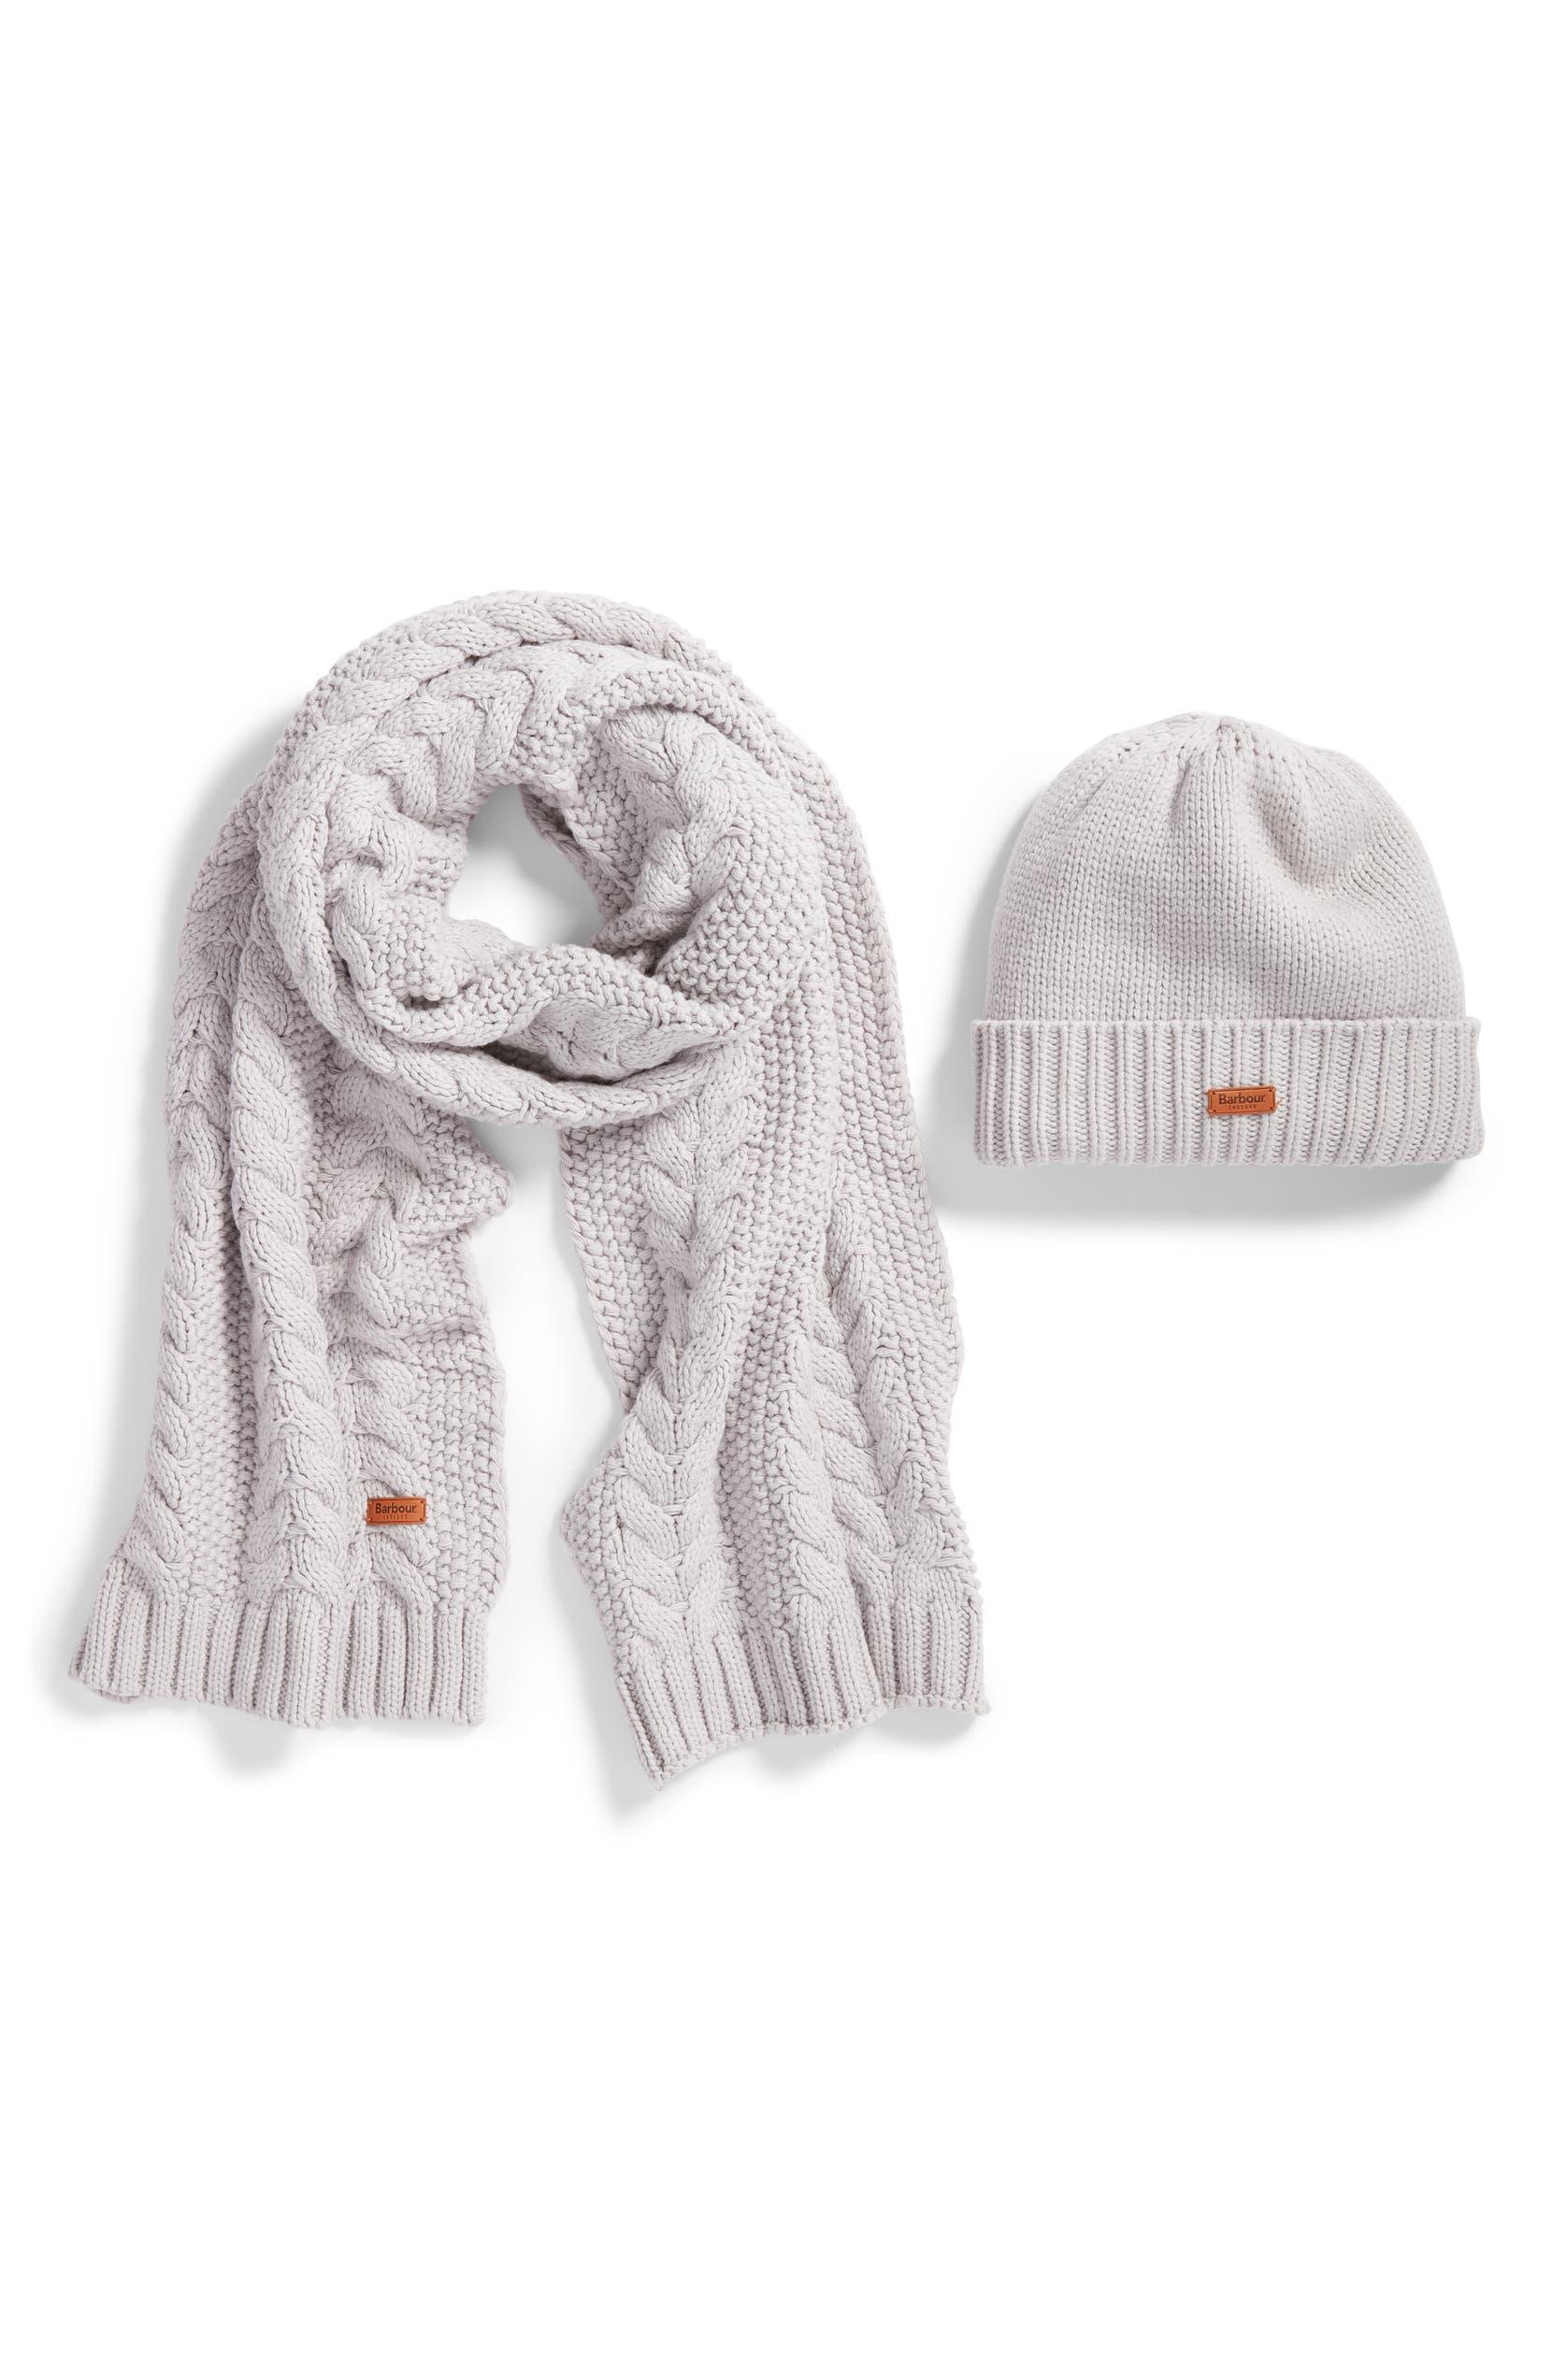 Barbour Cable Knit Hat   Scarf Set  de9d4a4259e8